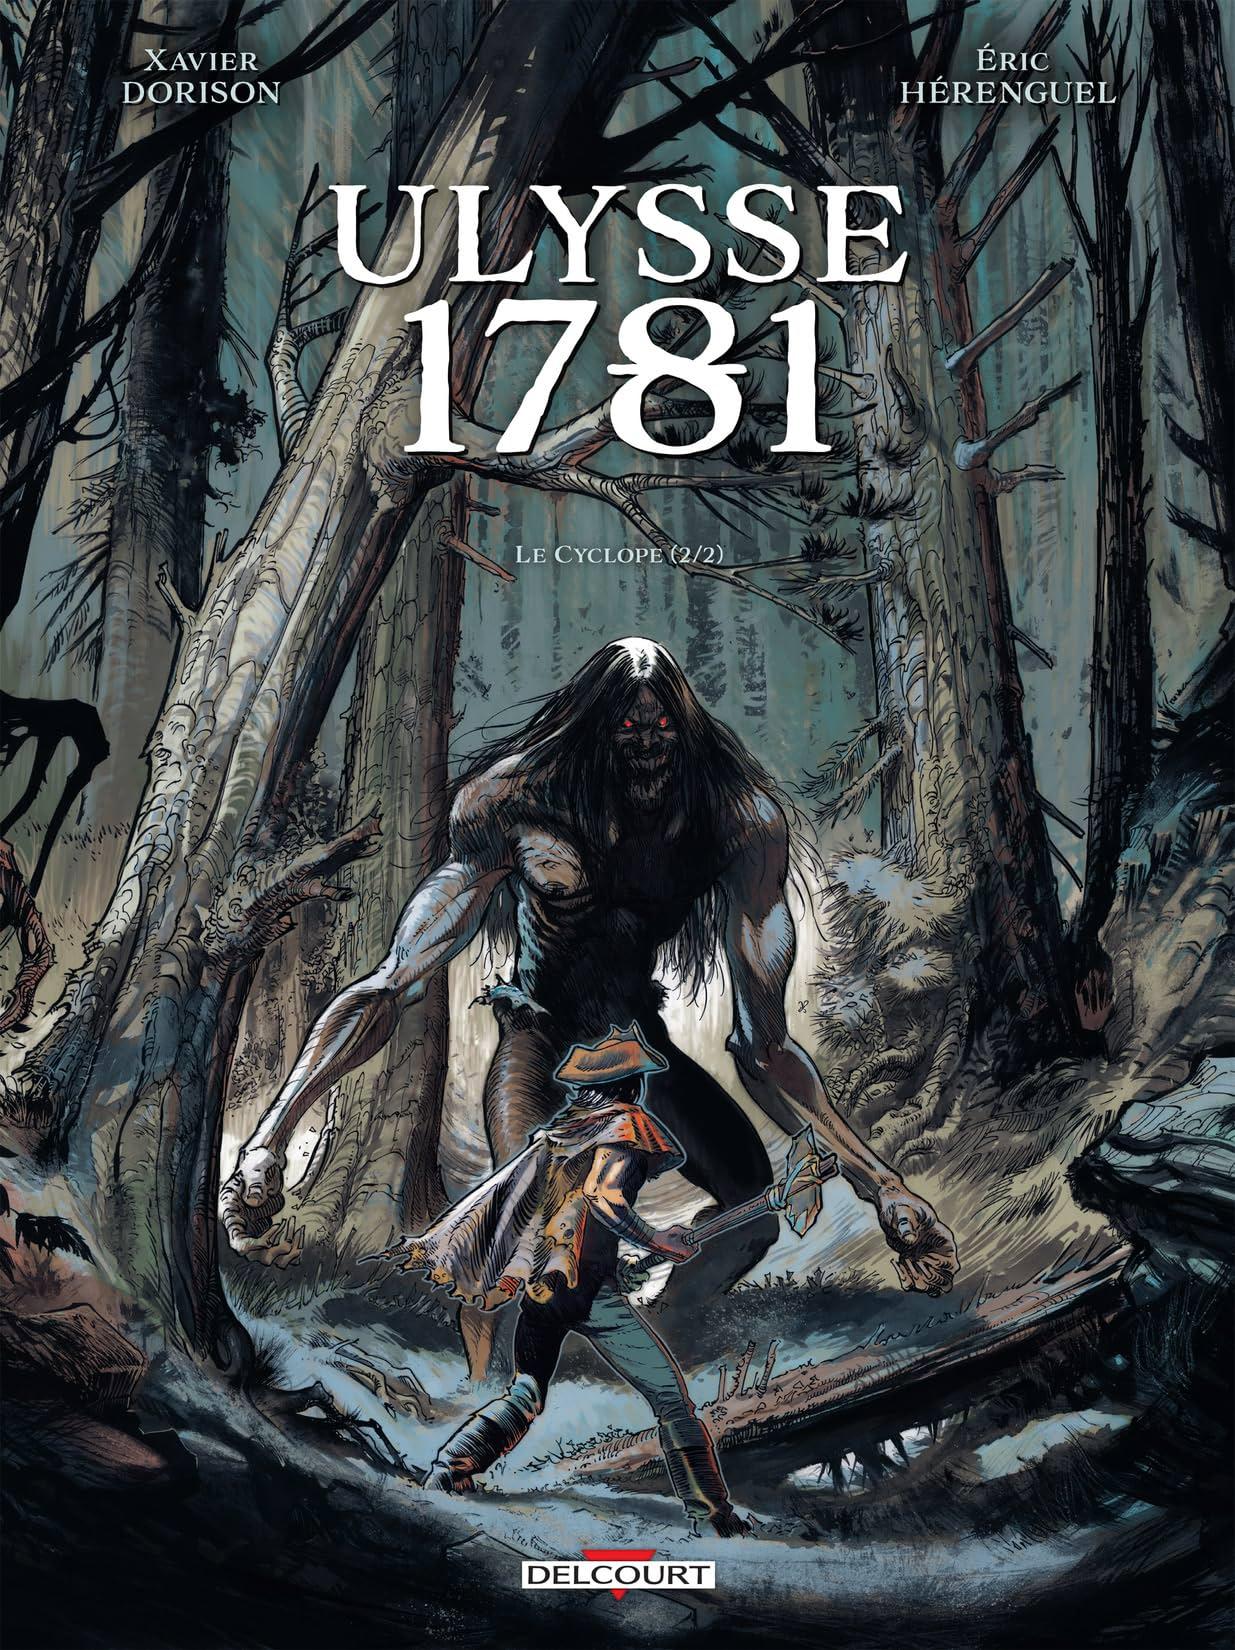 Ulysse 1781 Vol. 2: Le Cyclope 2/2